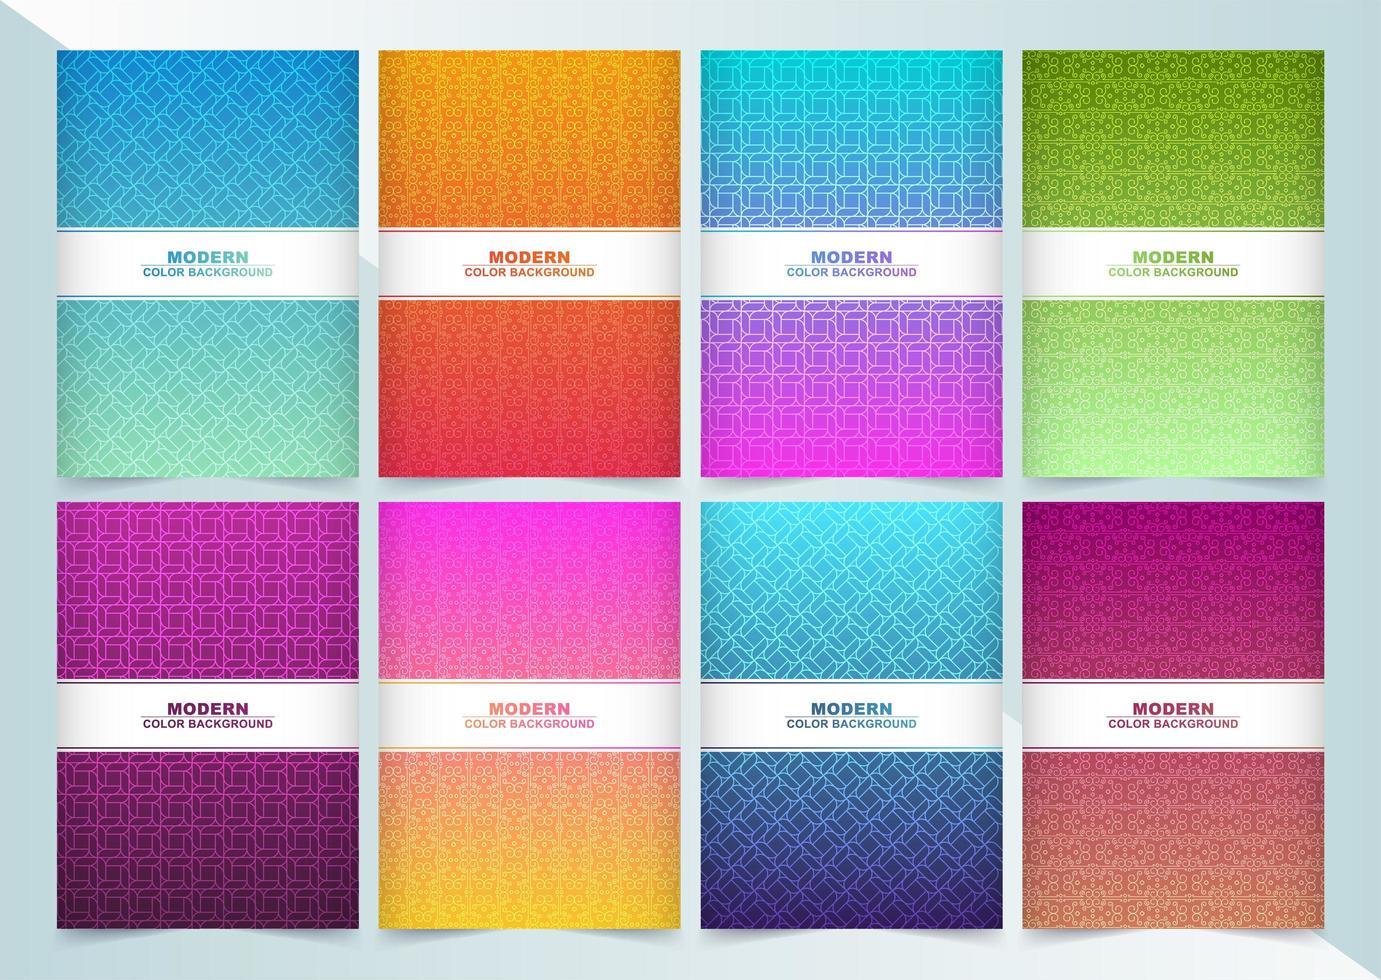 grande collection de couvertures minimales colorées abstraites vecteur